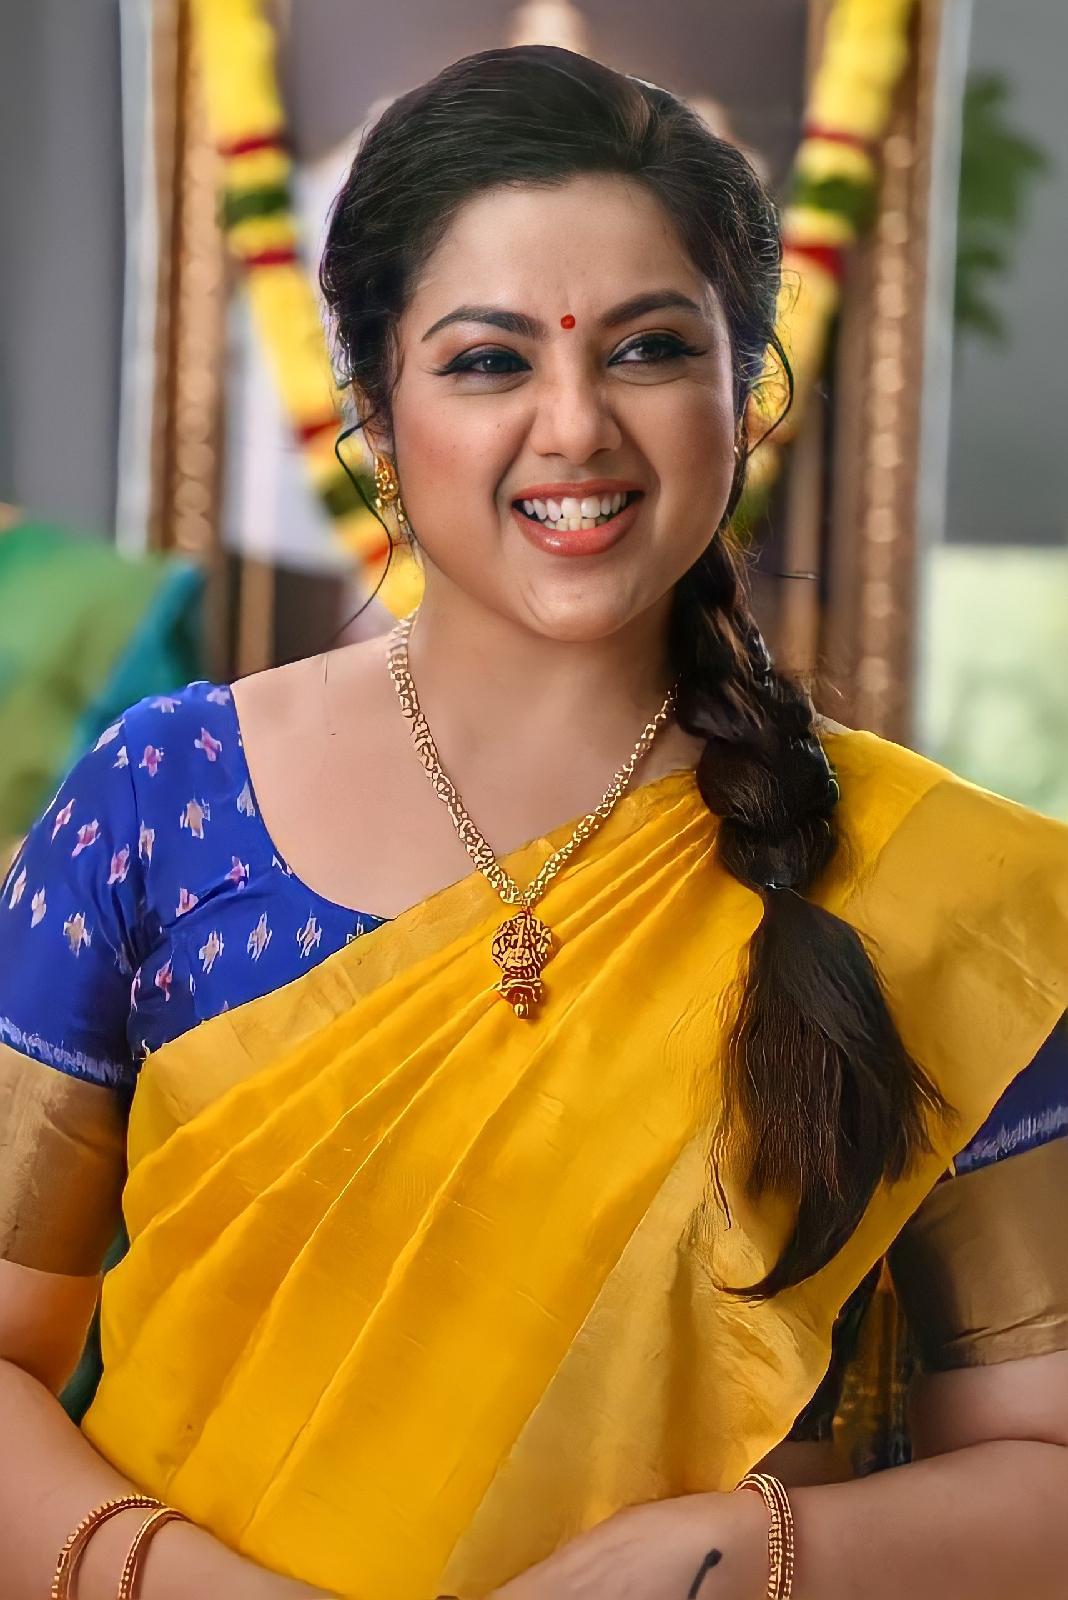 South Indian Actress Meena Hot Images